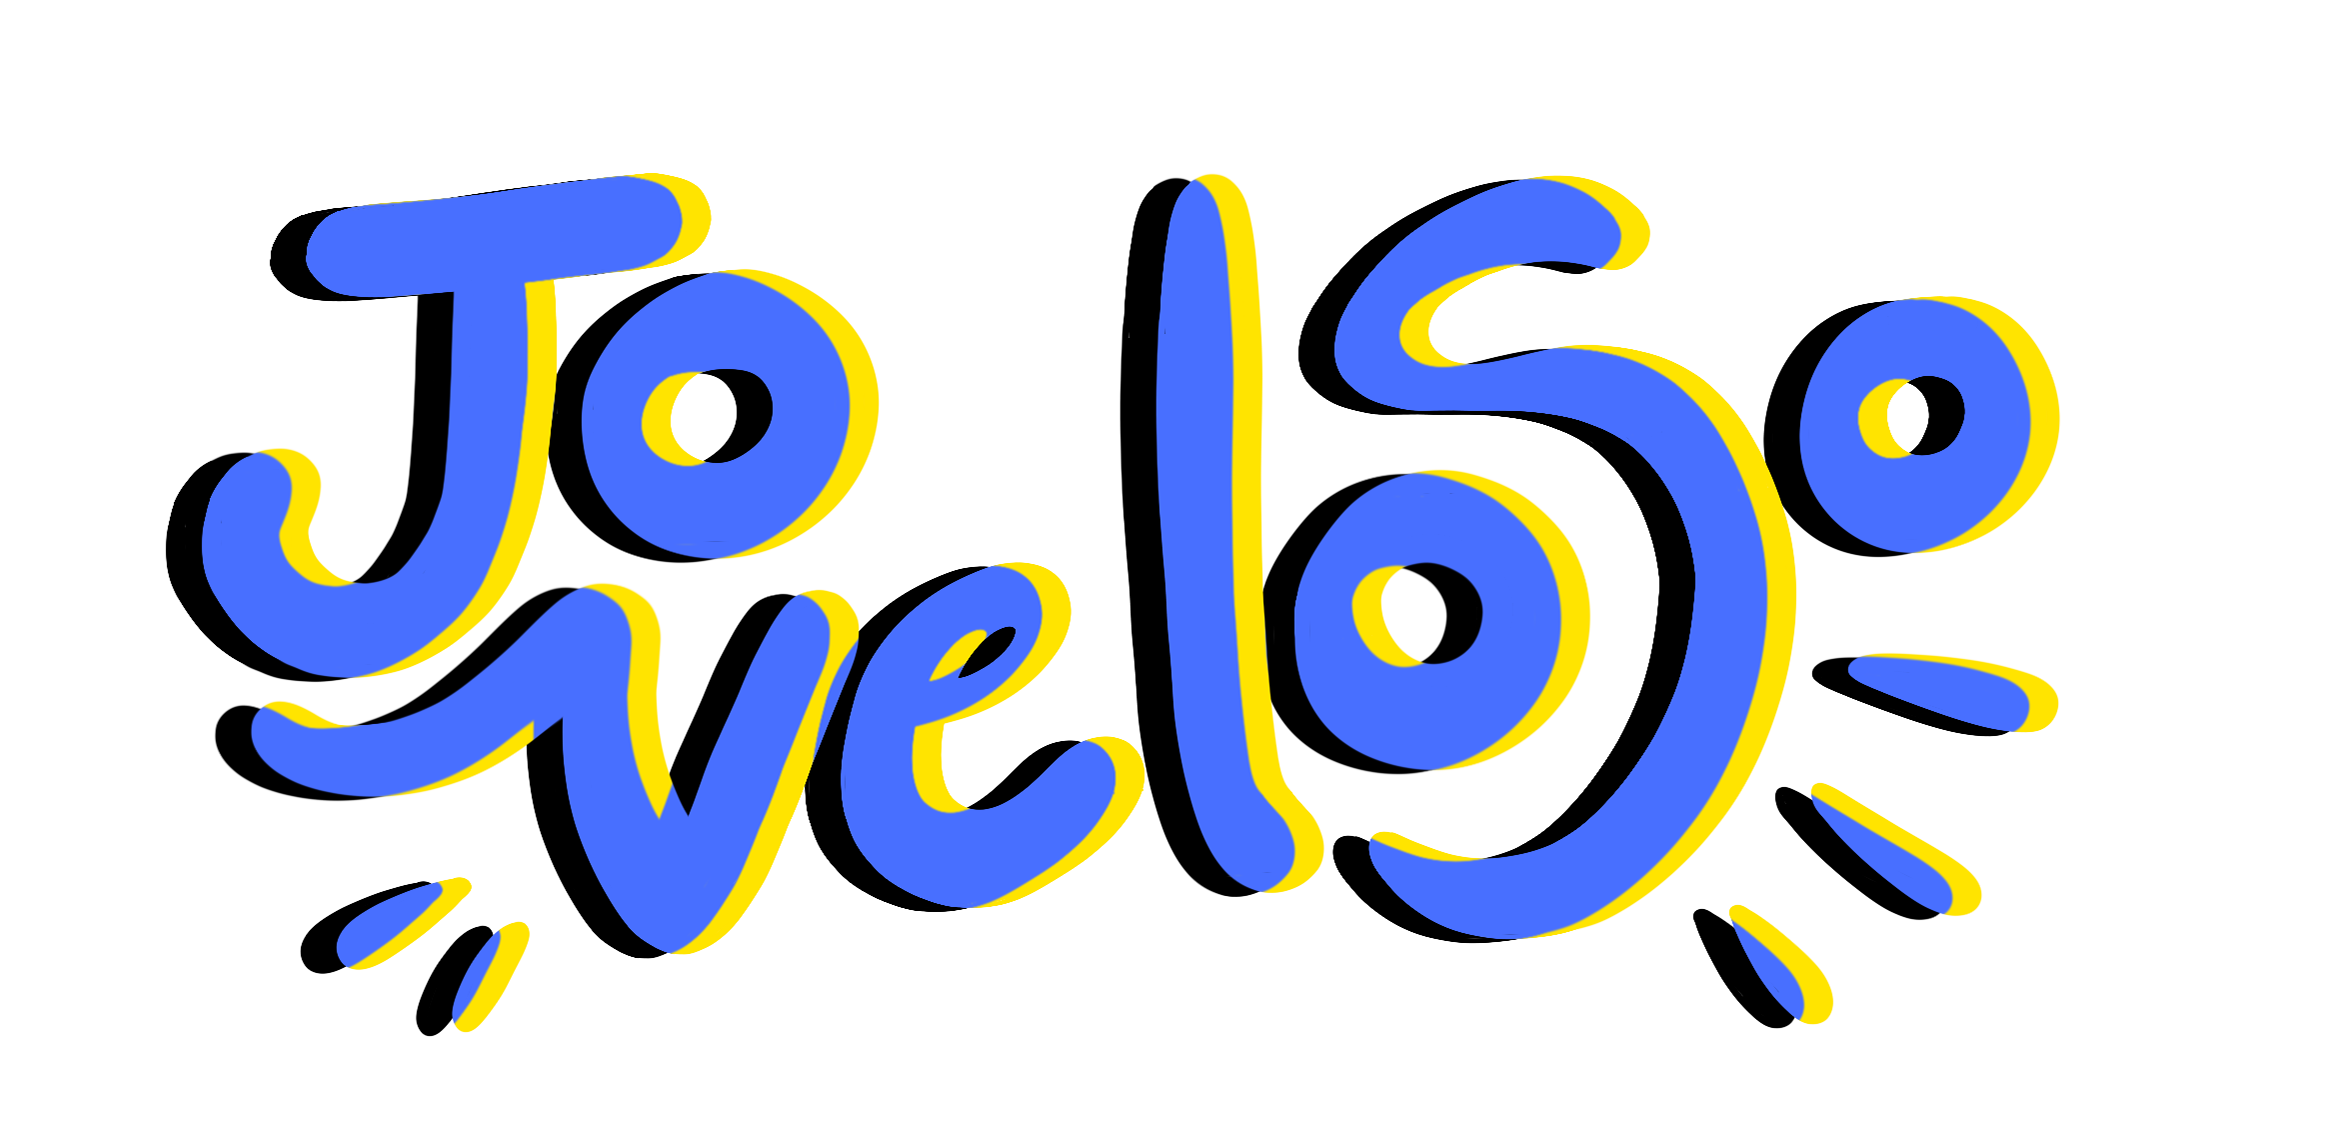 Jo Veloso - Ilustración y diseño